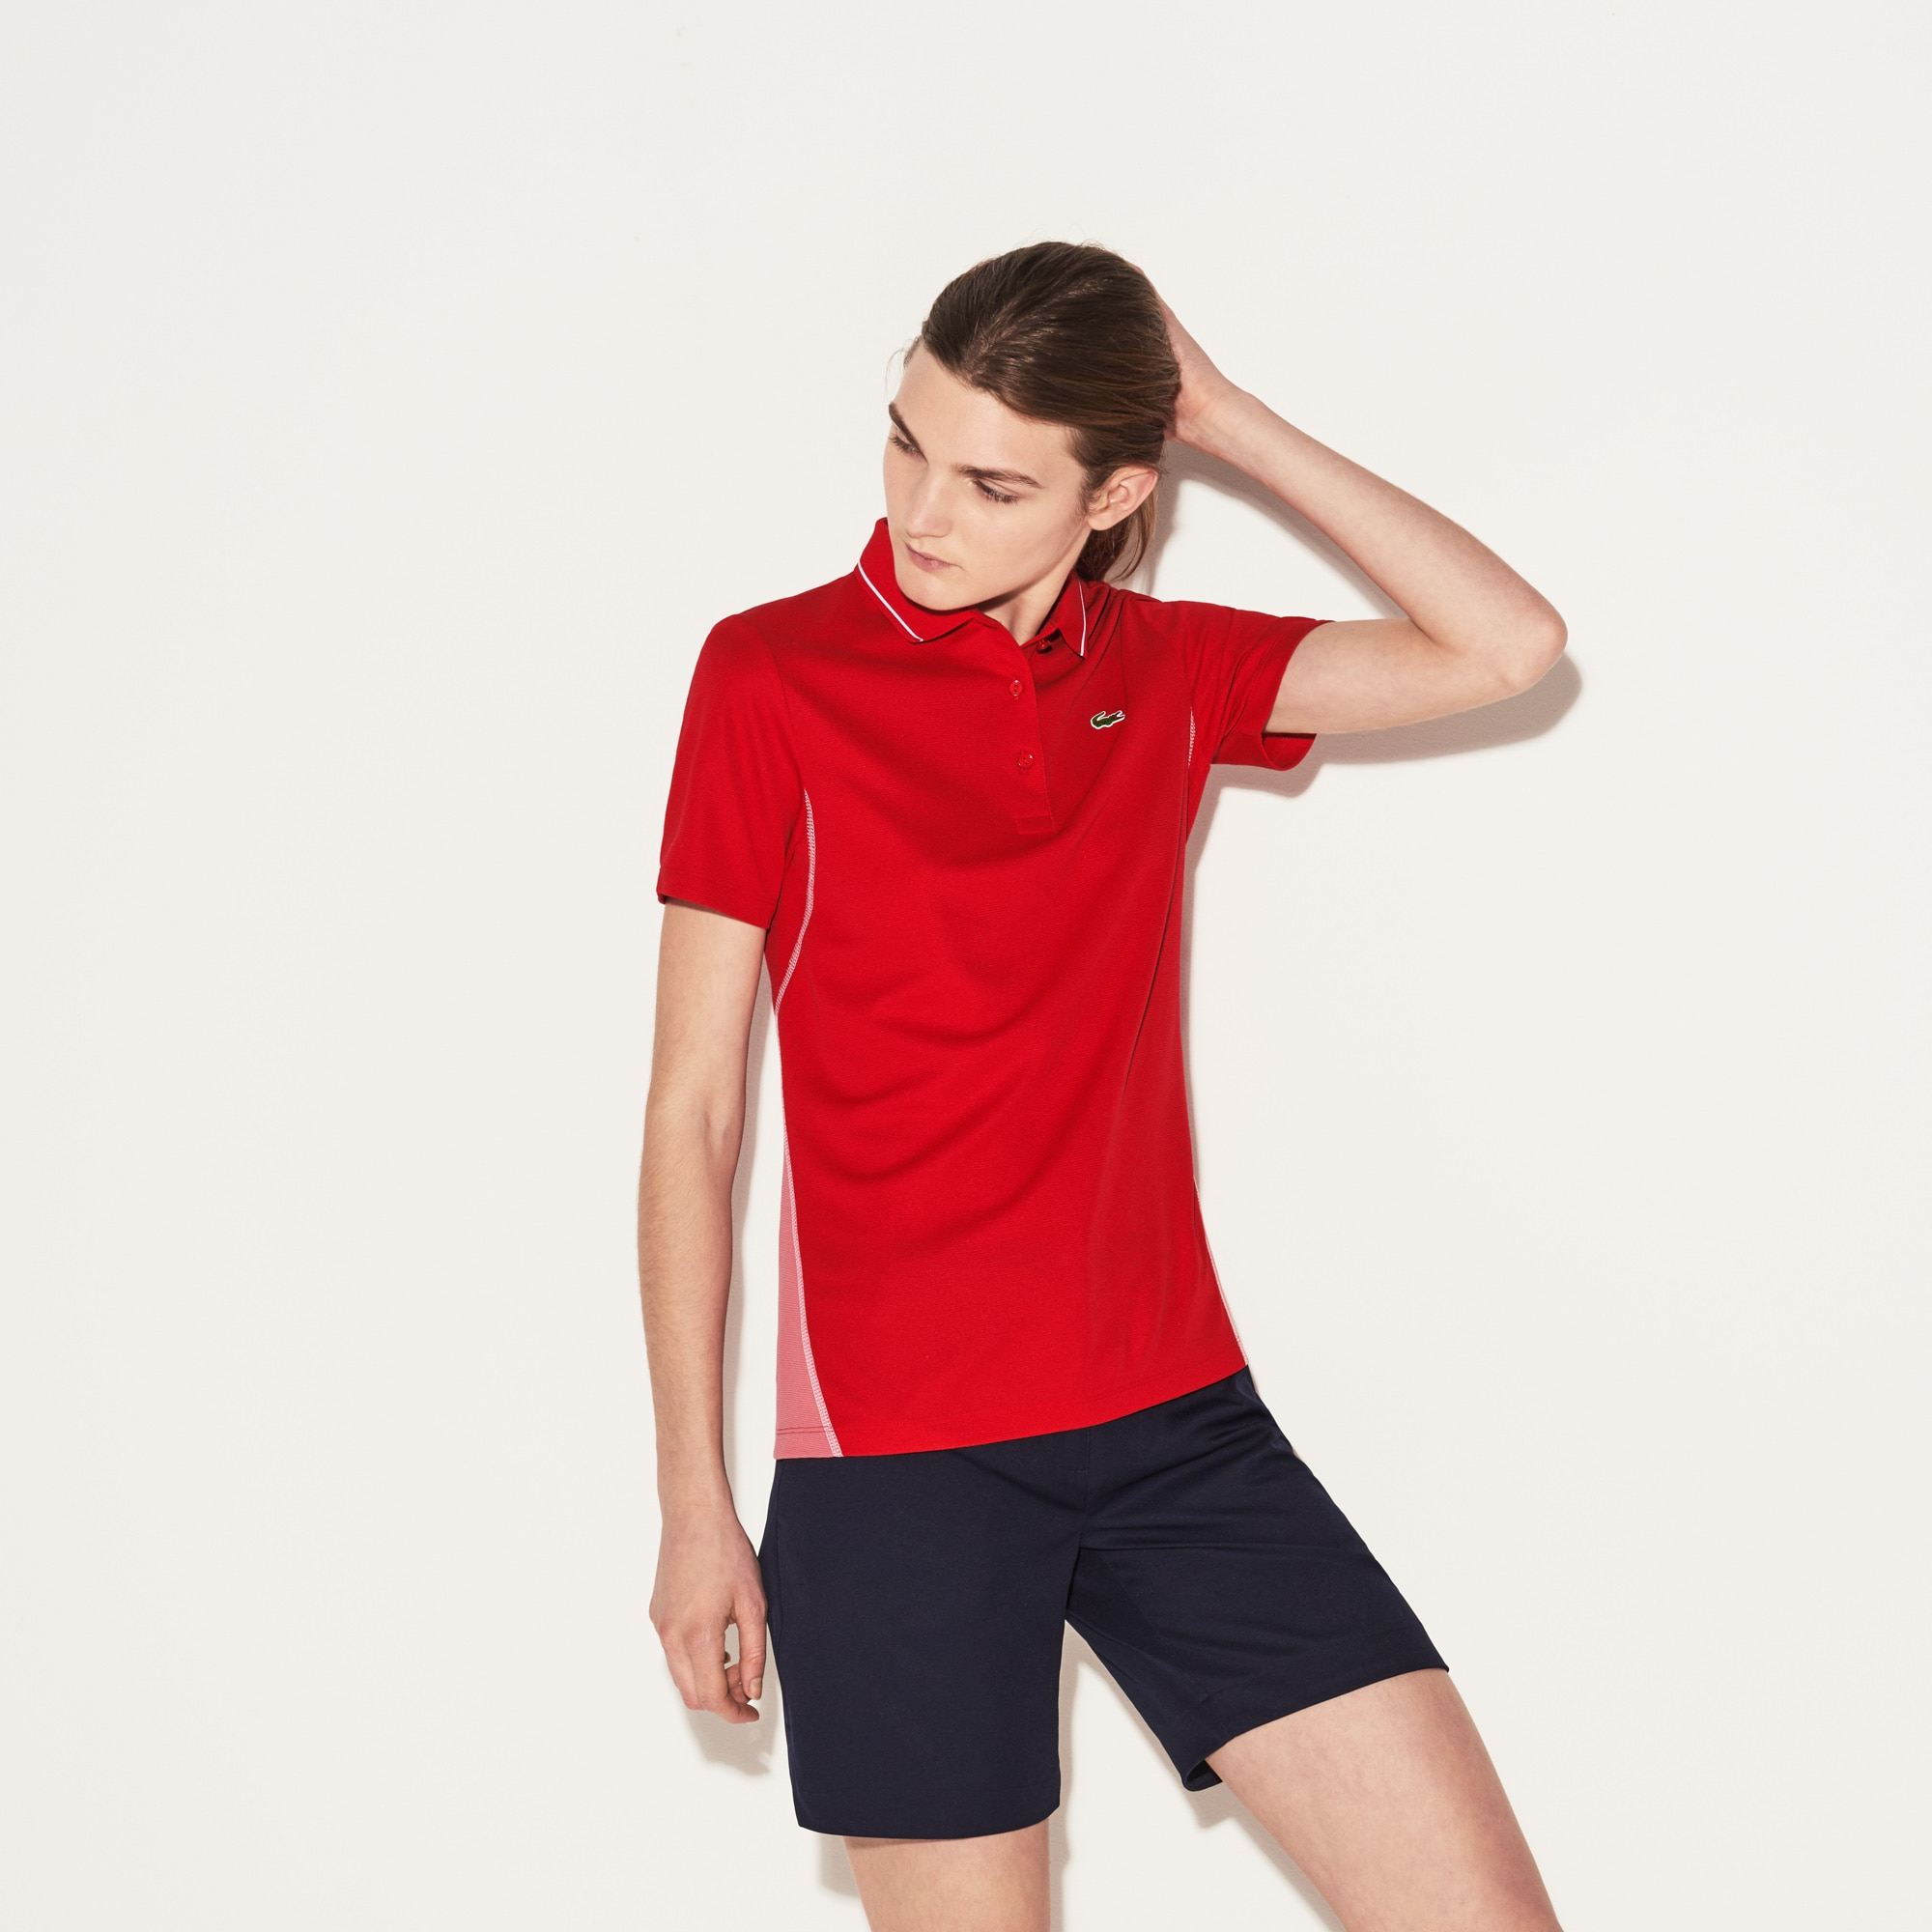 Damen LACOSTE SPORT Golf-Poloshirt aus Baumwoll-Strick